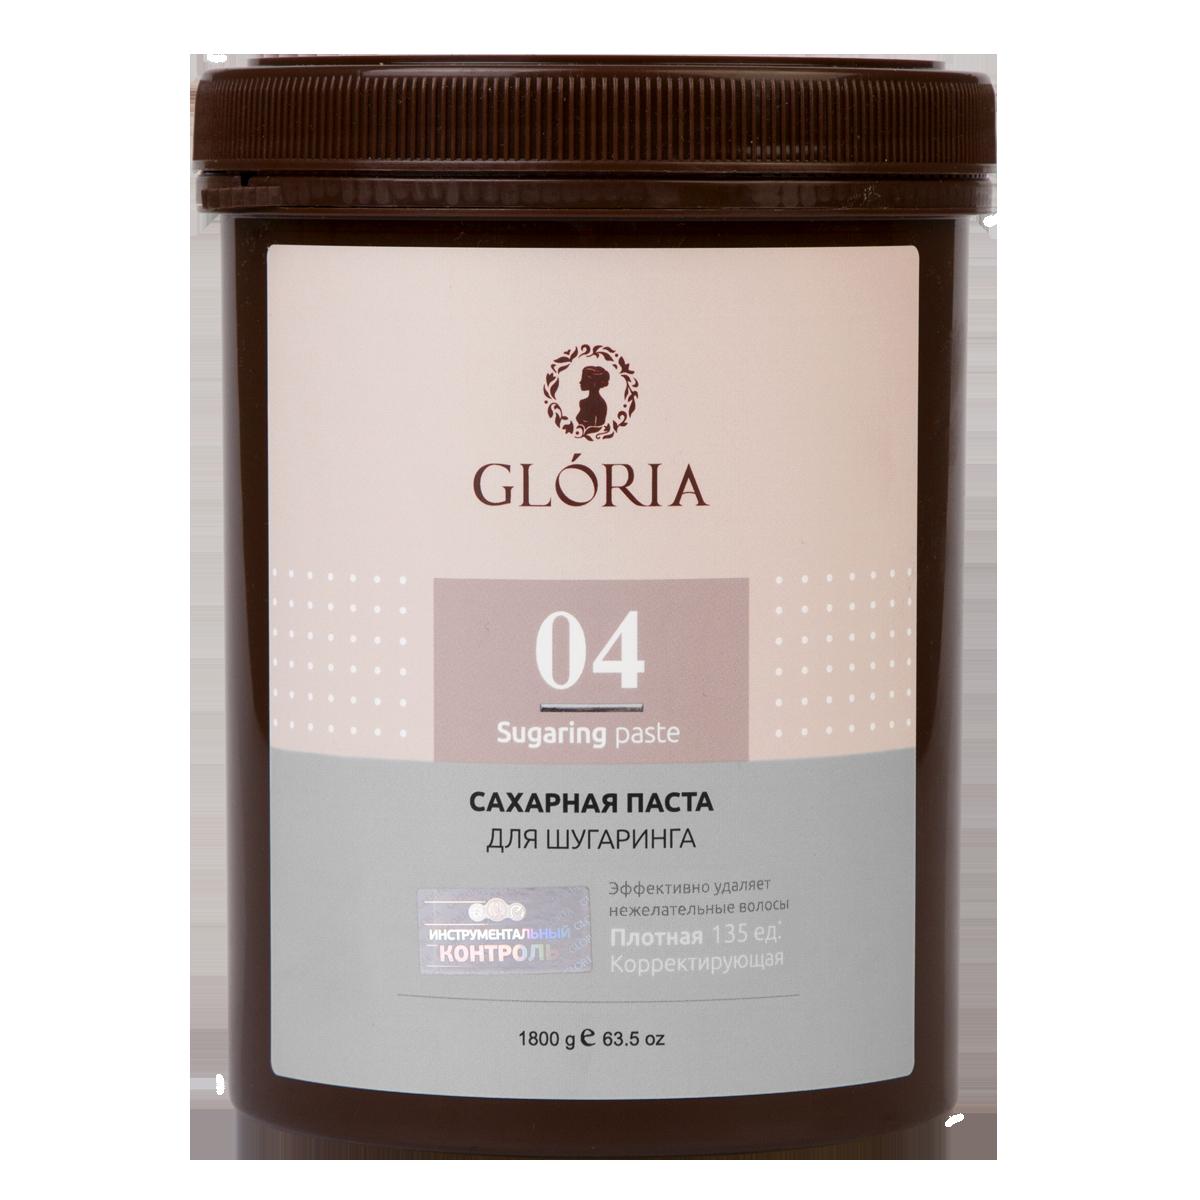 GLORIA Паста сахарная для депиляции плотная / GLORIA, 1,8 кг